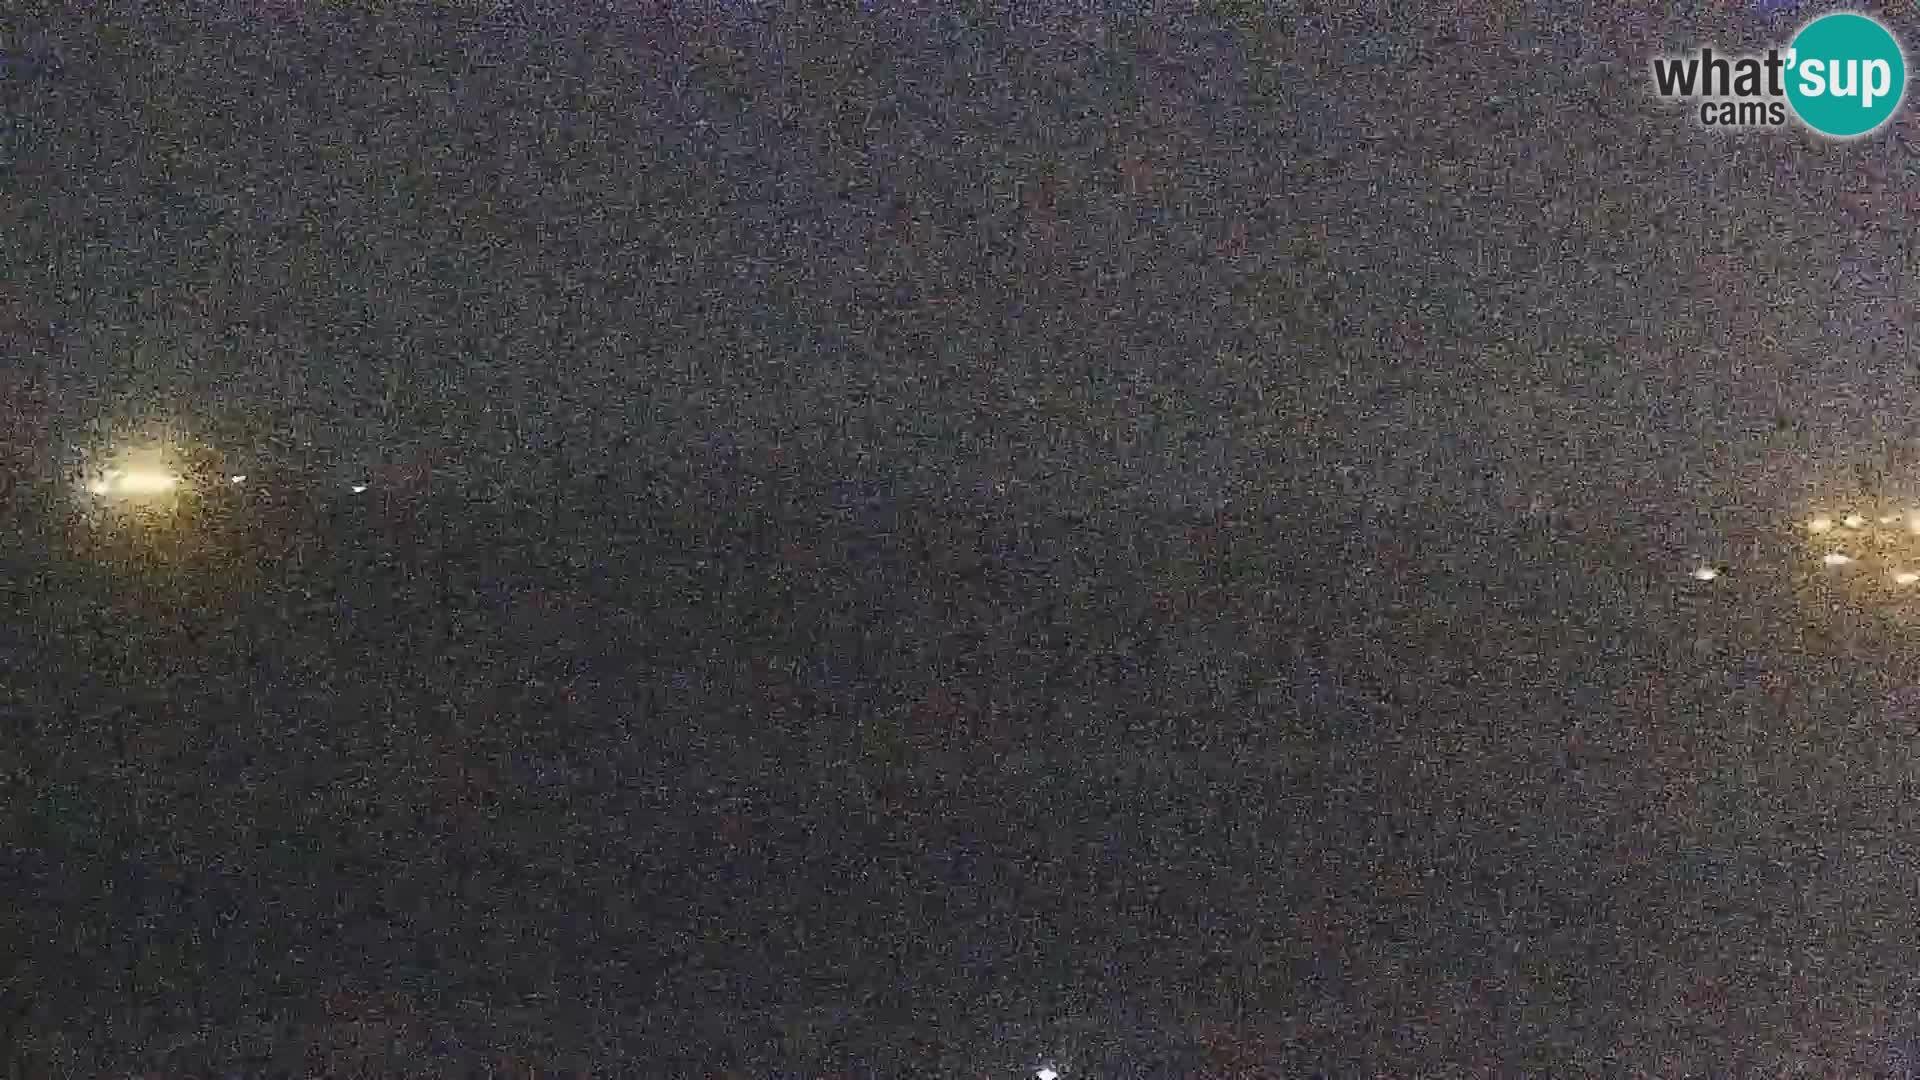 Webcam Palau, Porto Pollo - What´s Up Cams